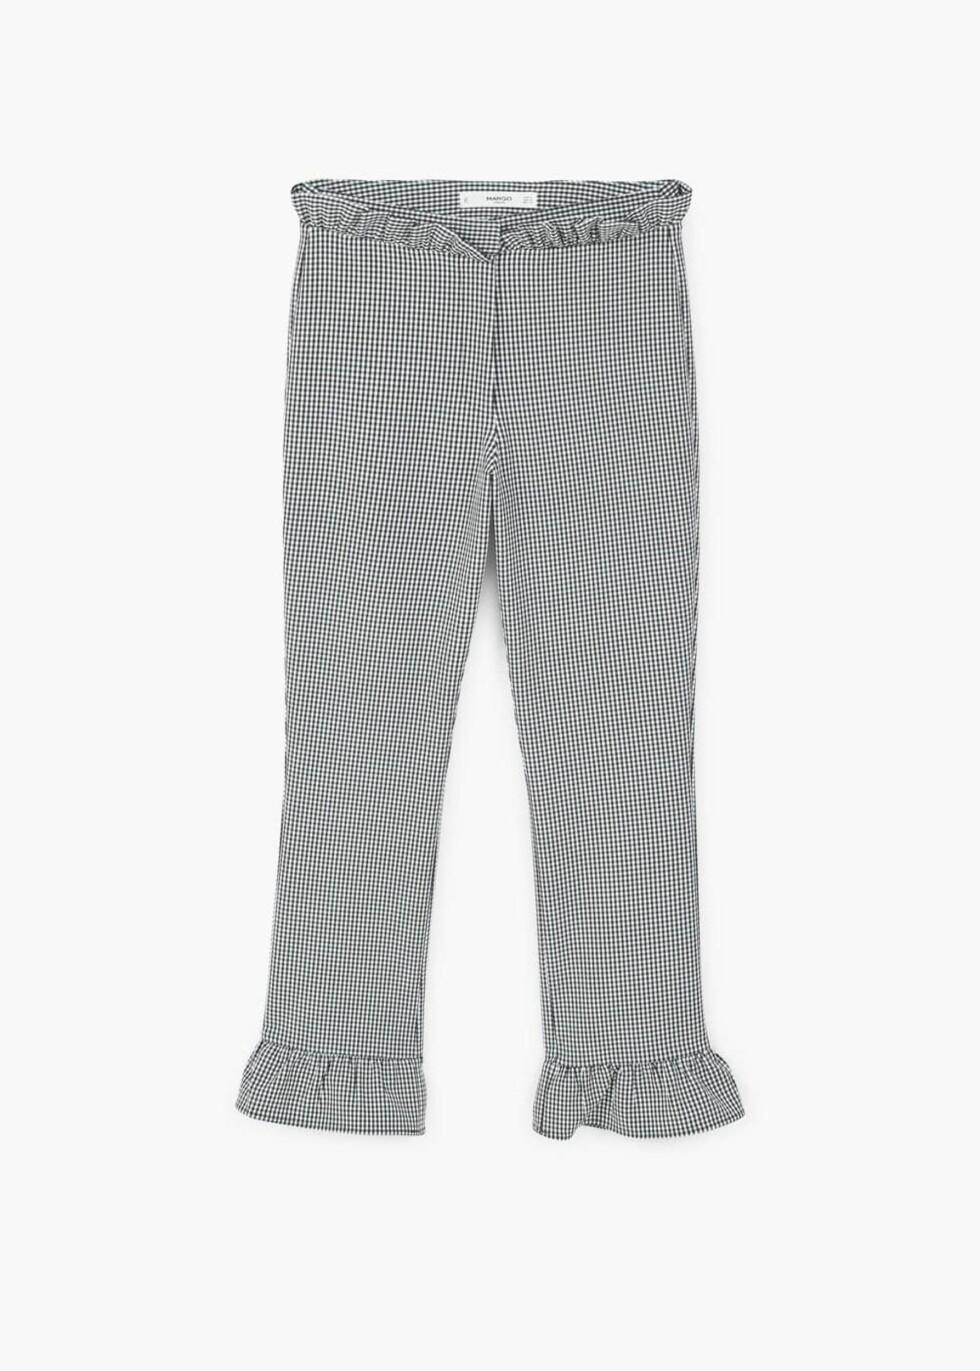 <strong>Bukse fra Mango | kr 349 | http:</strong>//shop.mango.com/NO/p1/damer/kl%C3%A6r/bukser/slim-fit-bukse/bukse-med-ginghamruter-og-volang?id=83047612_99&n=1&s=search&ts=1491827479981